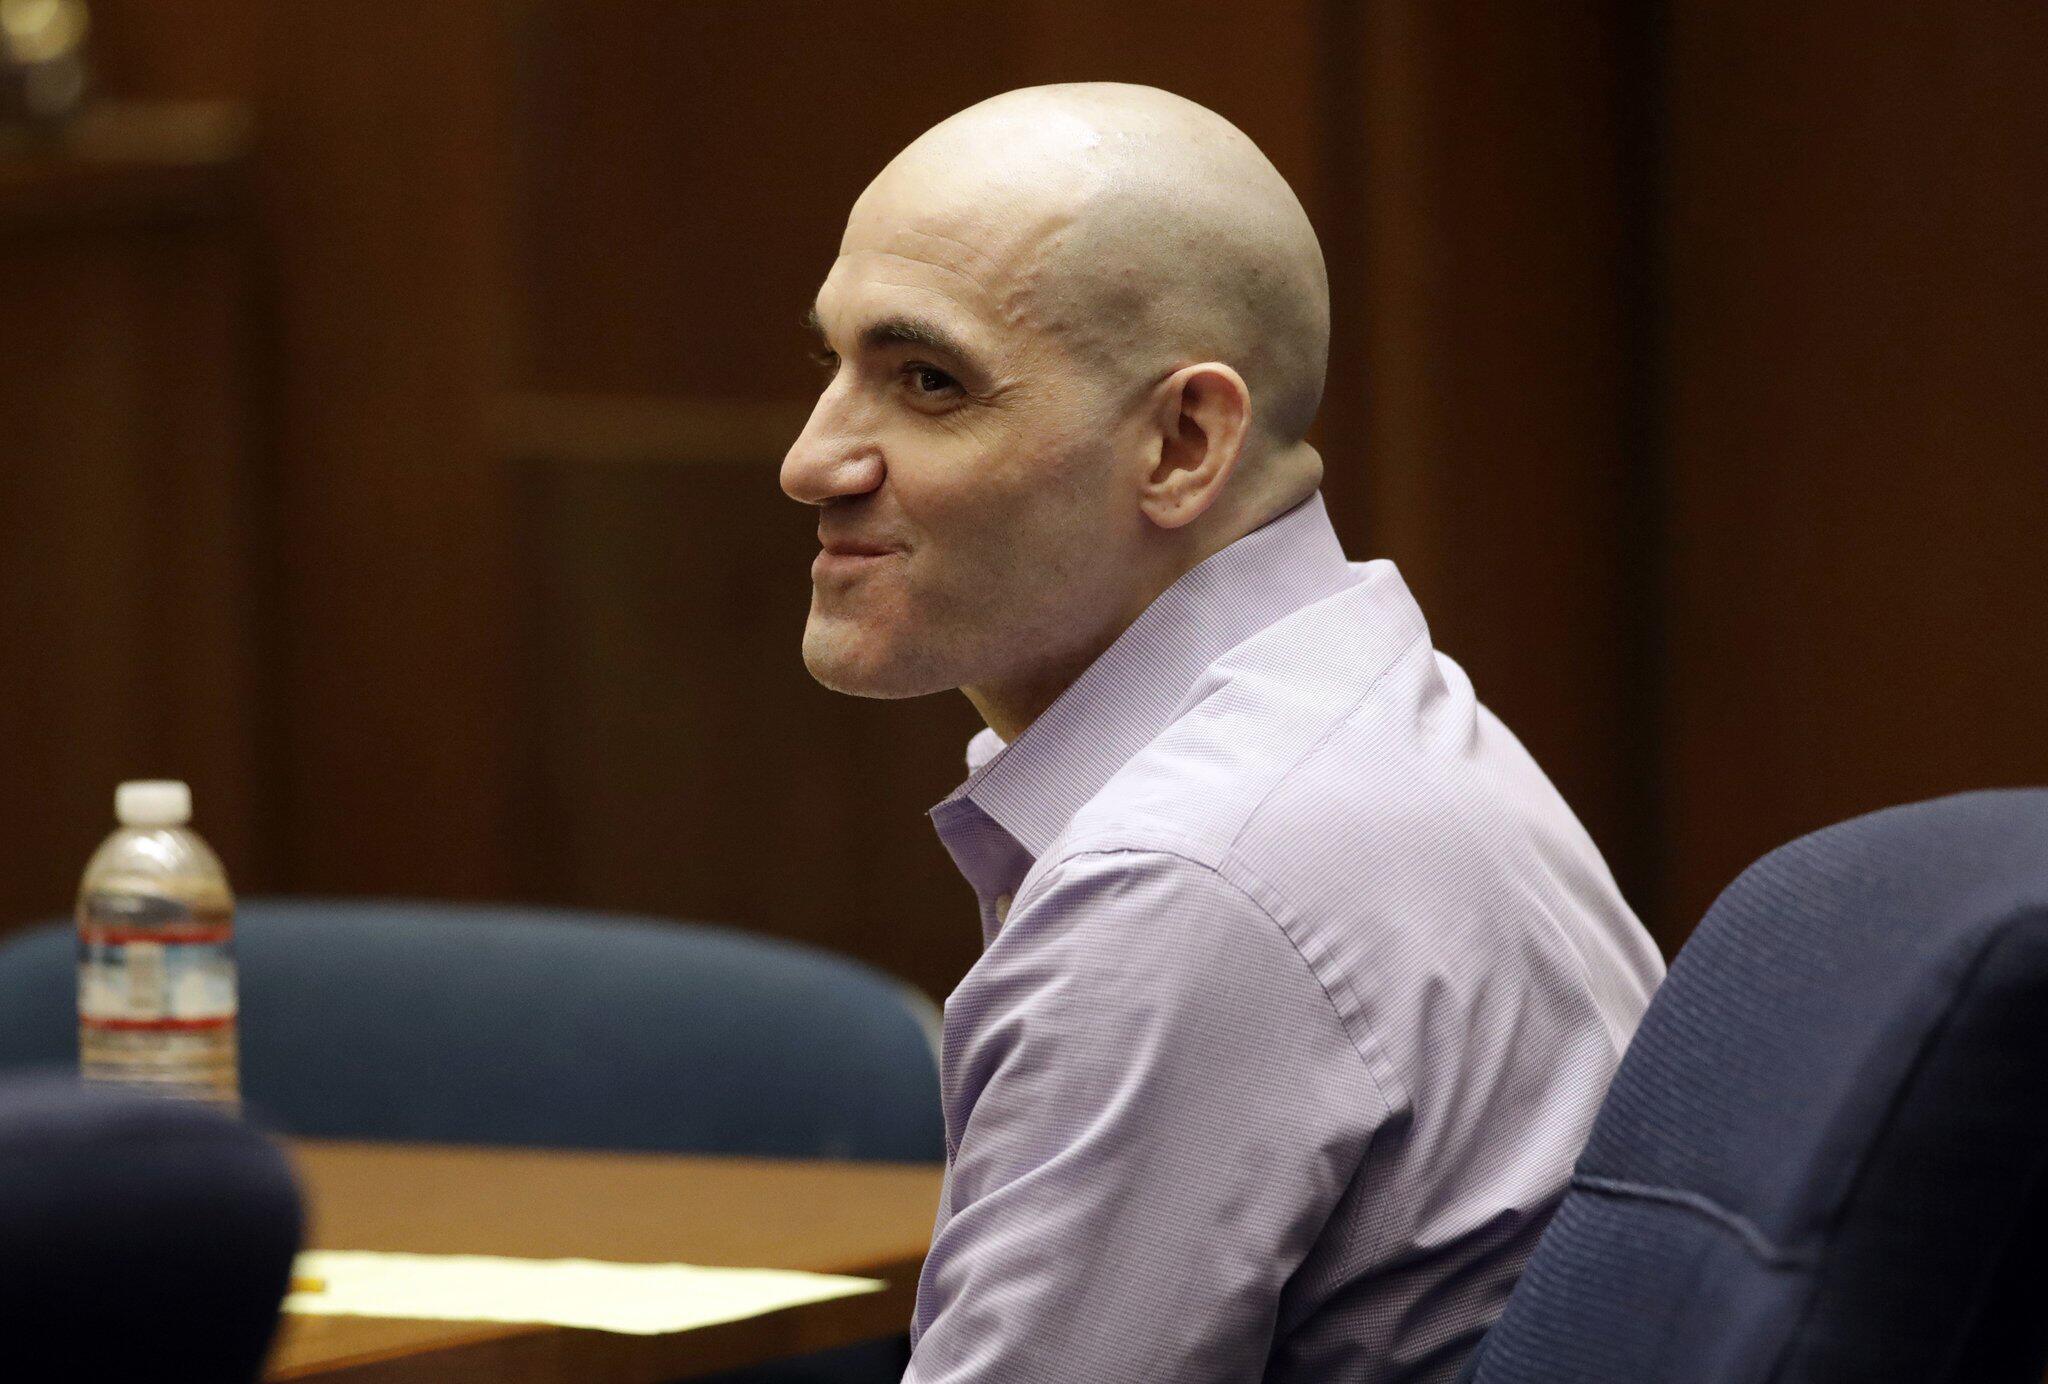 Bild zu Hollywood-Ripper, Michael Gargiulo, USA, Polizei, Gericht, Kalifornien